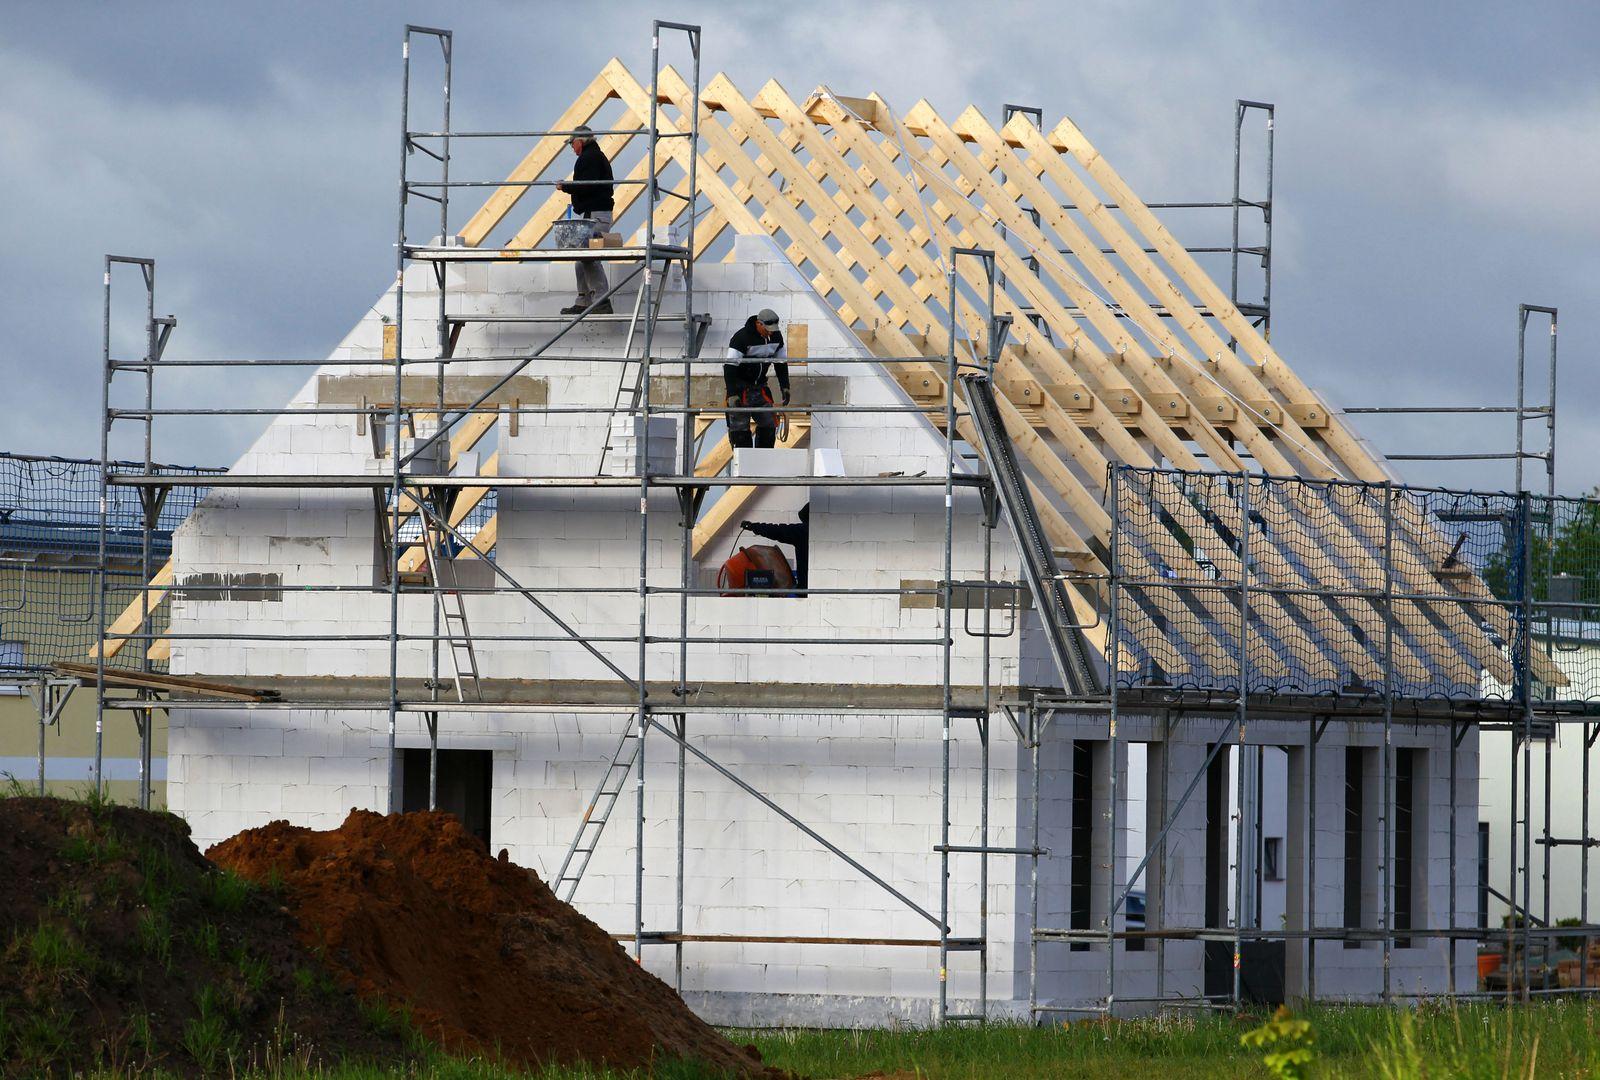 Immobilienkauf wird teurer / Hausbau